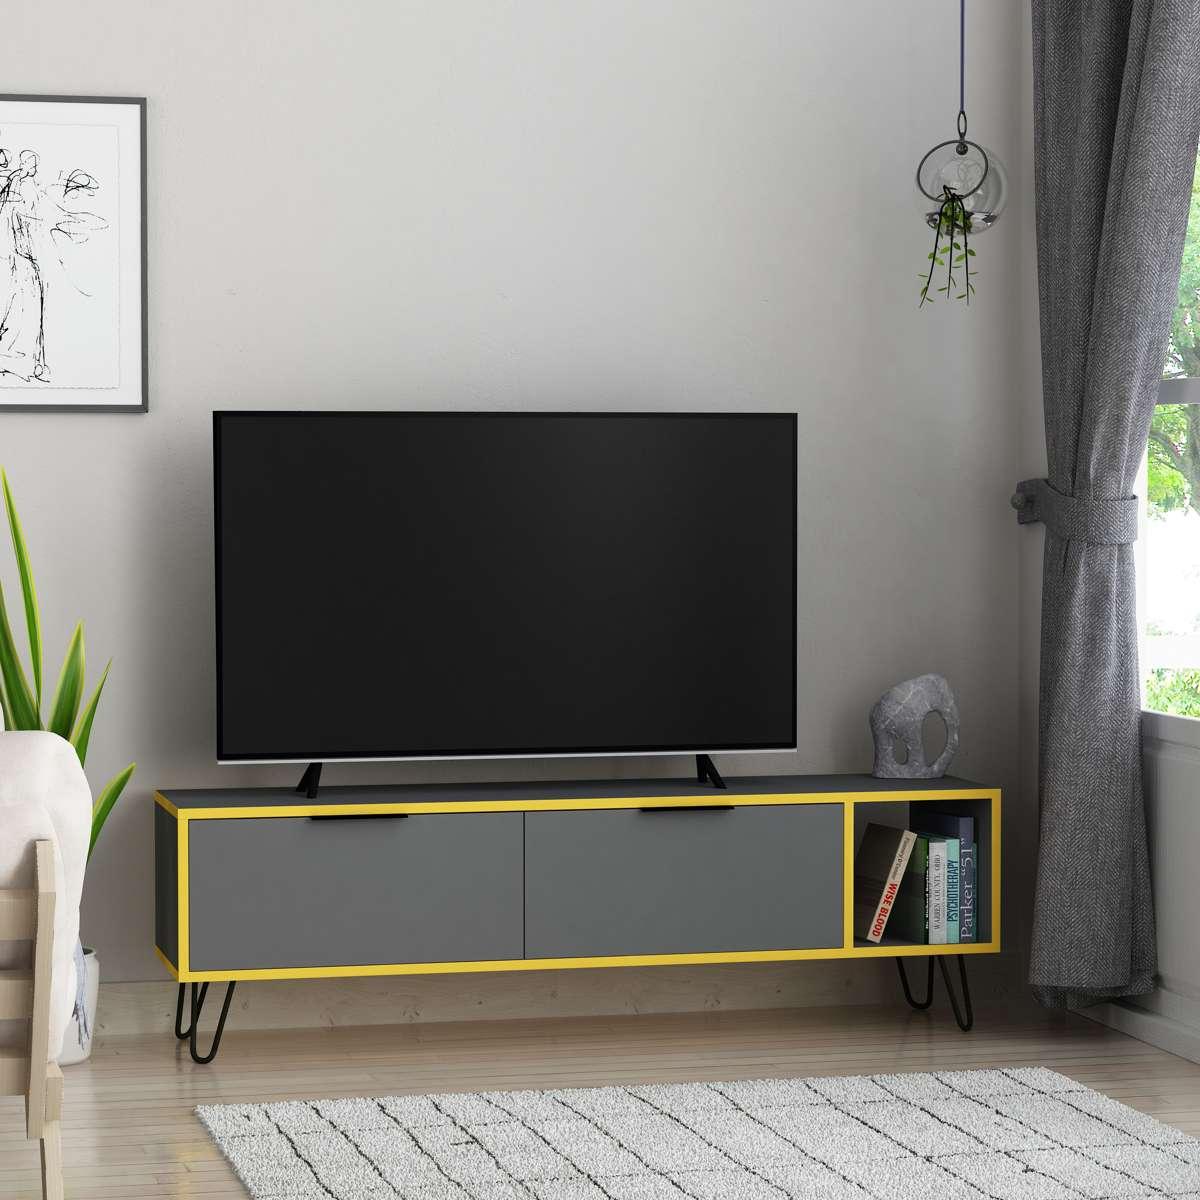 מזנון טלוויזיה Furoki אפור/צהוב 150 ס